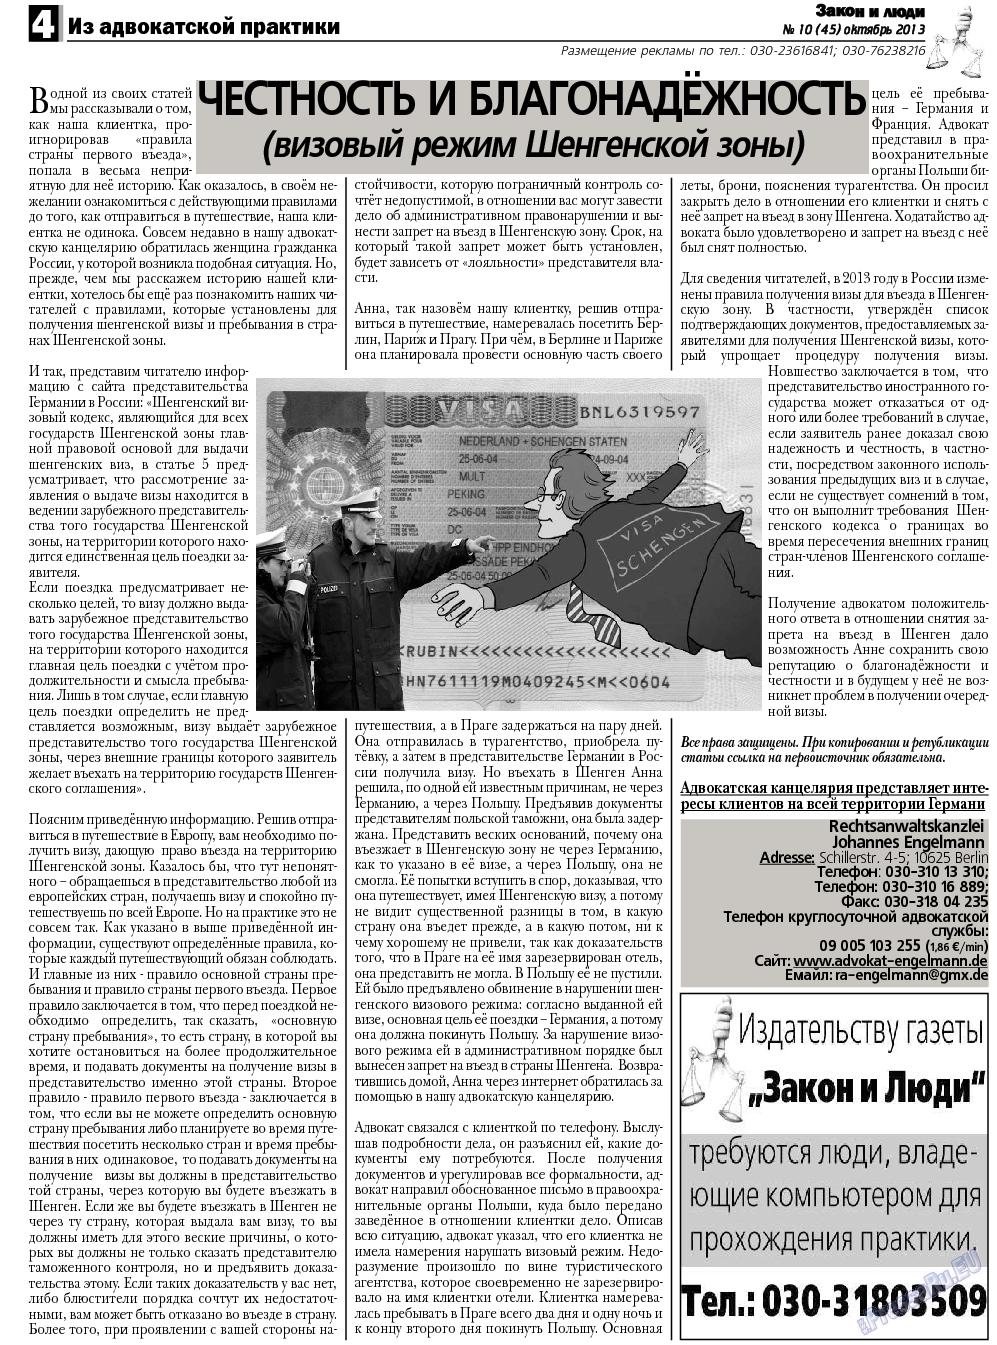 Закон и люди (газета). 2013 год, номер 10, стр. 4